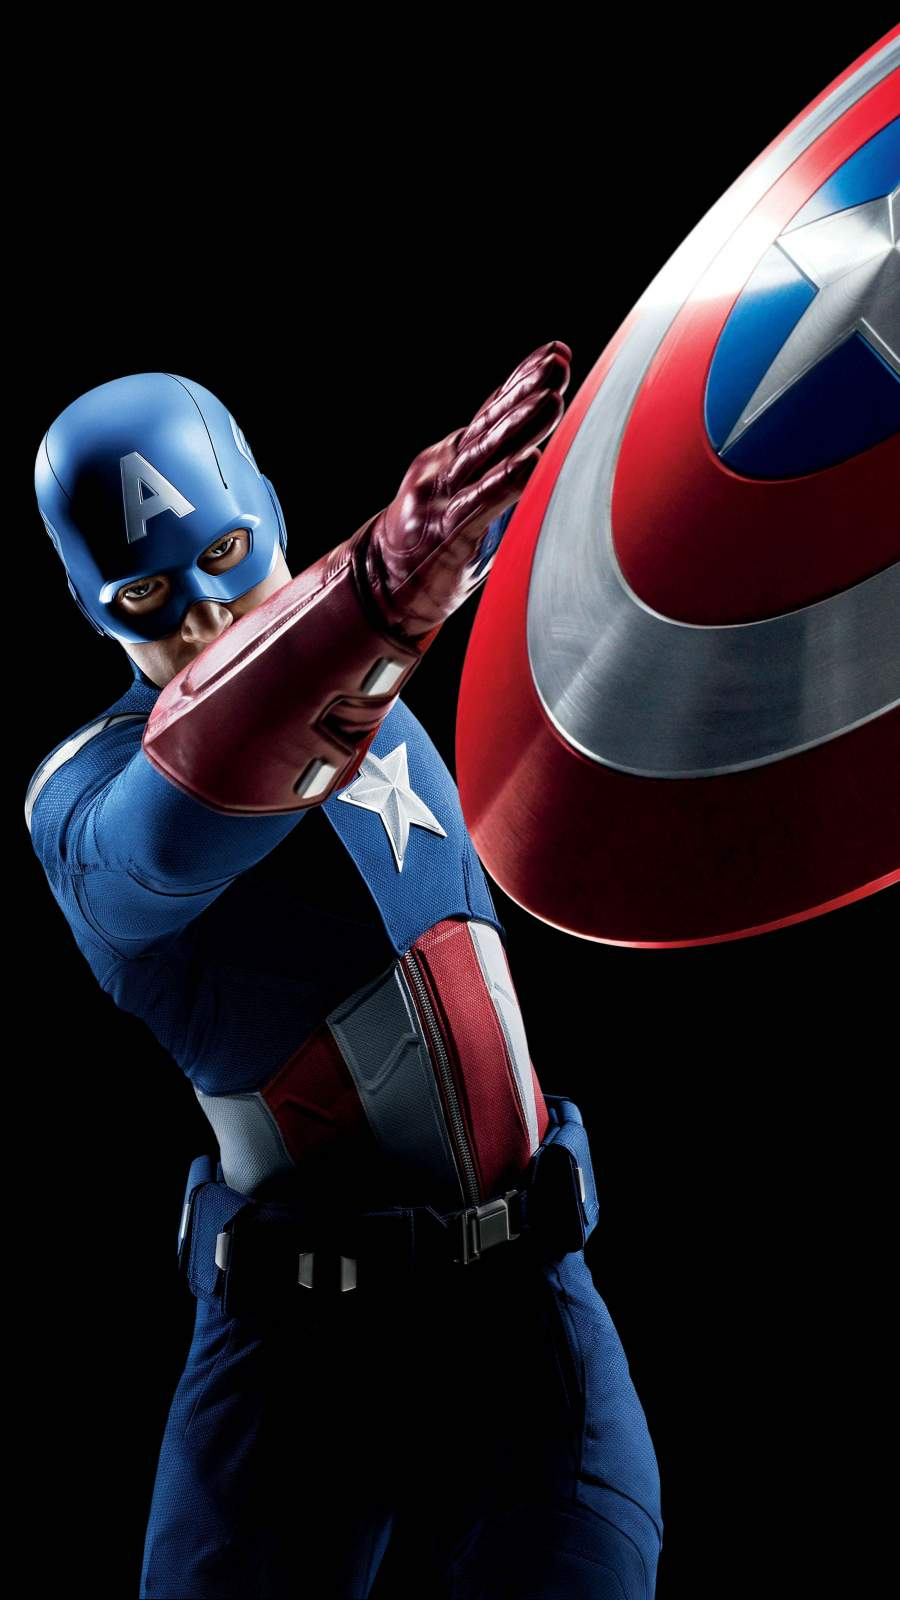 Captain America Shield Attack iPhone Wallpaper